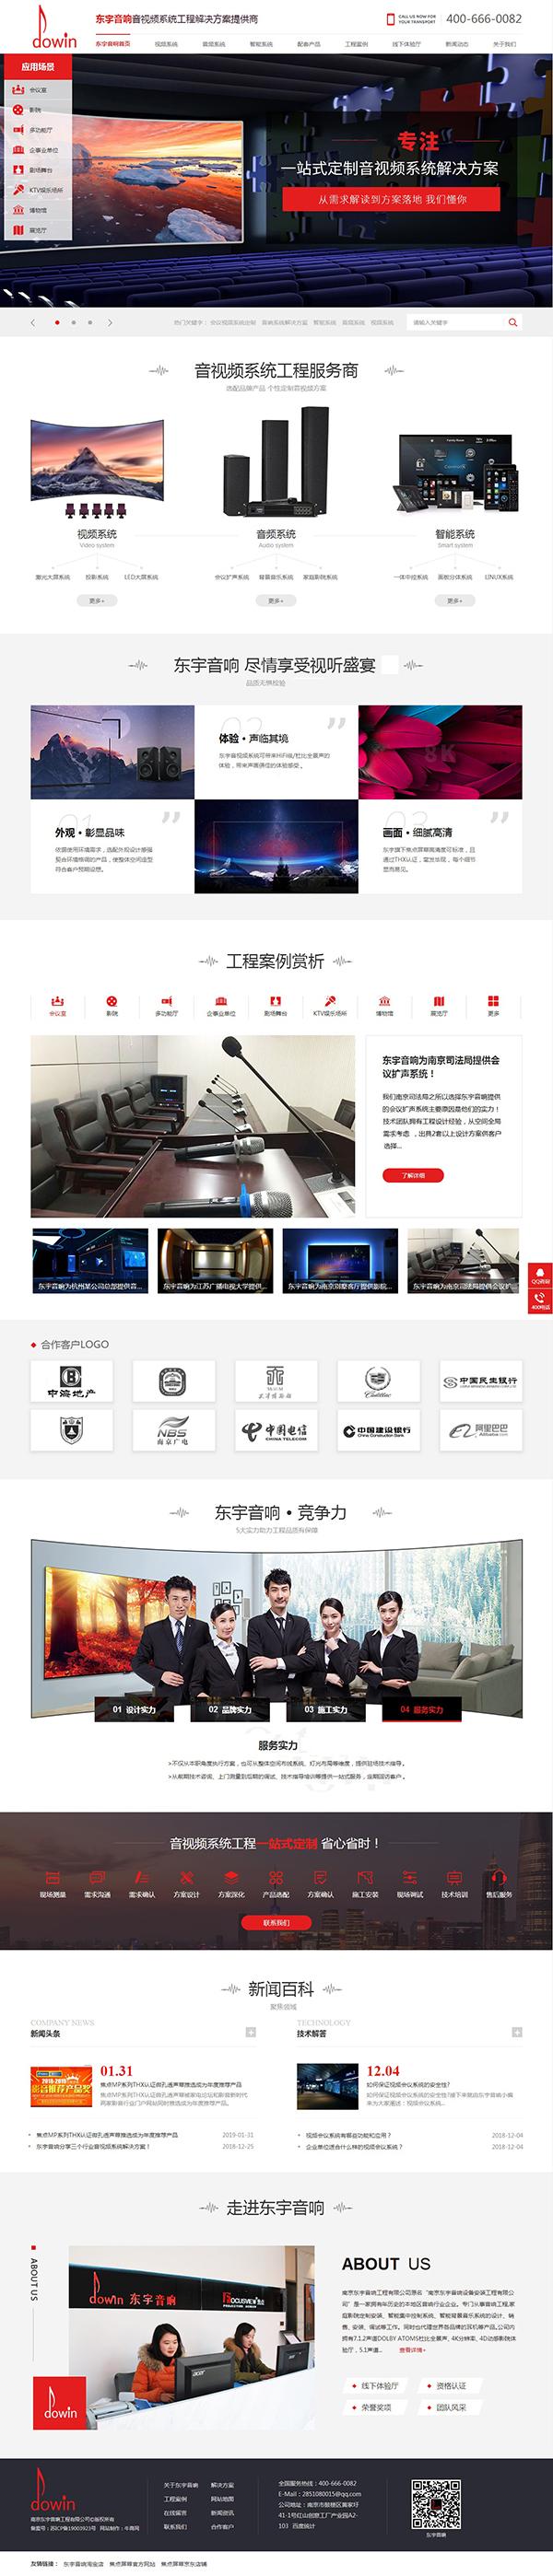 南京东宇音响工程-龙8国际龙88型龙8国际官网首页首页截图